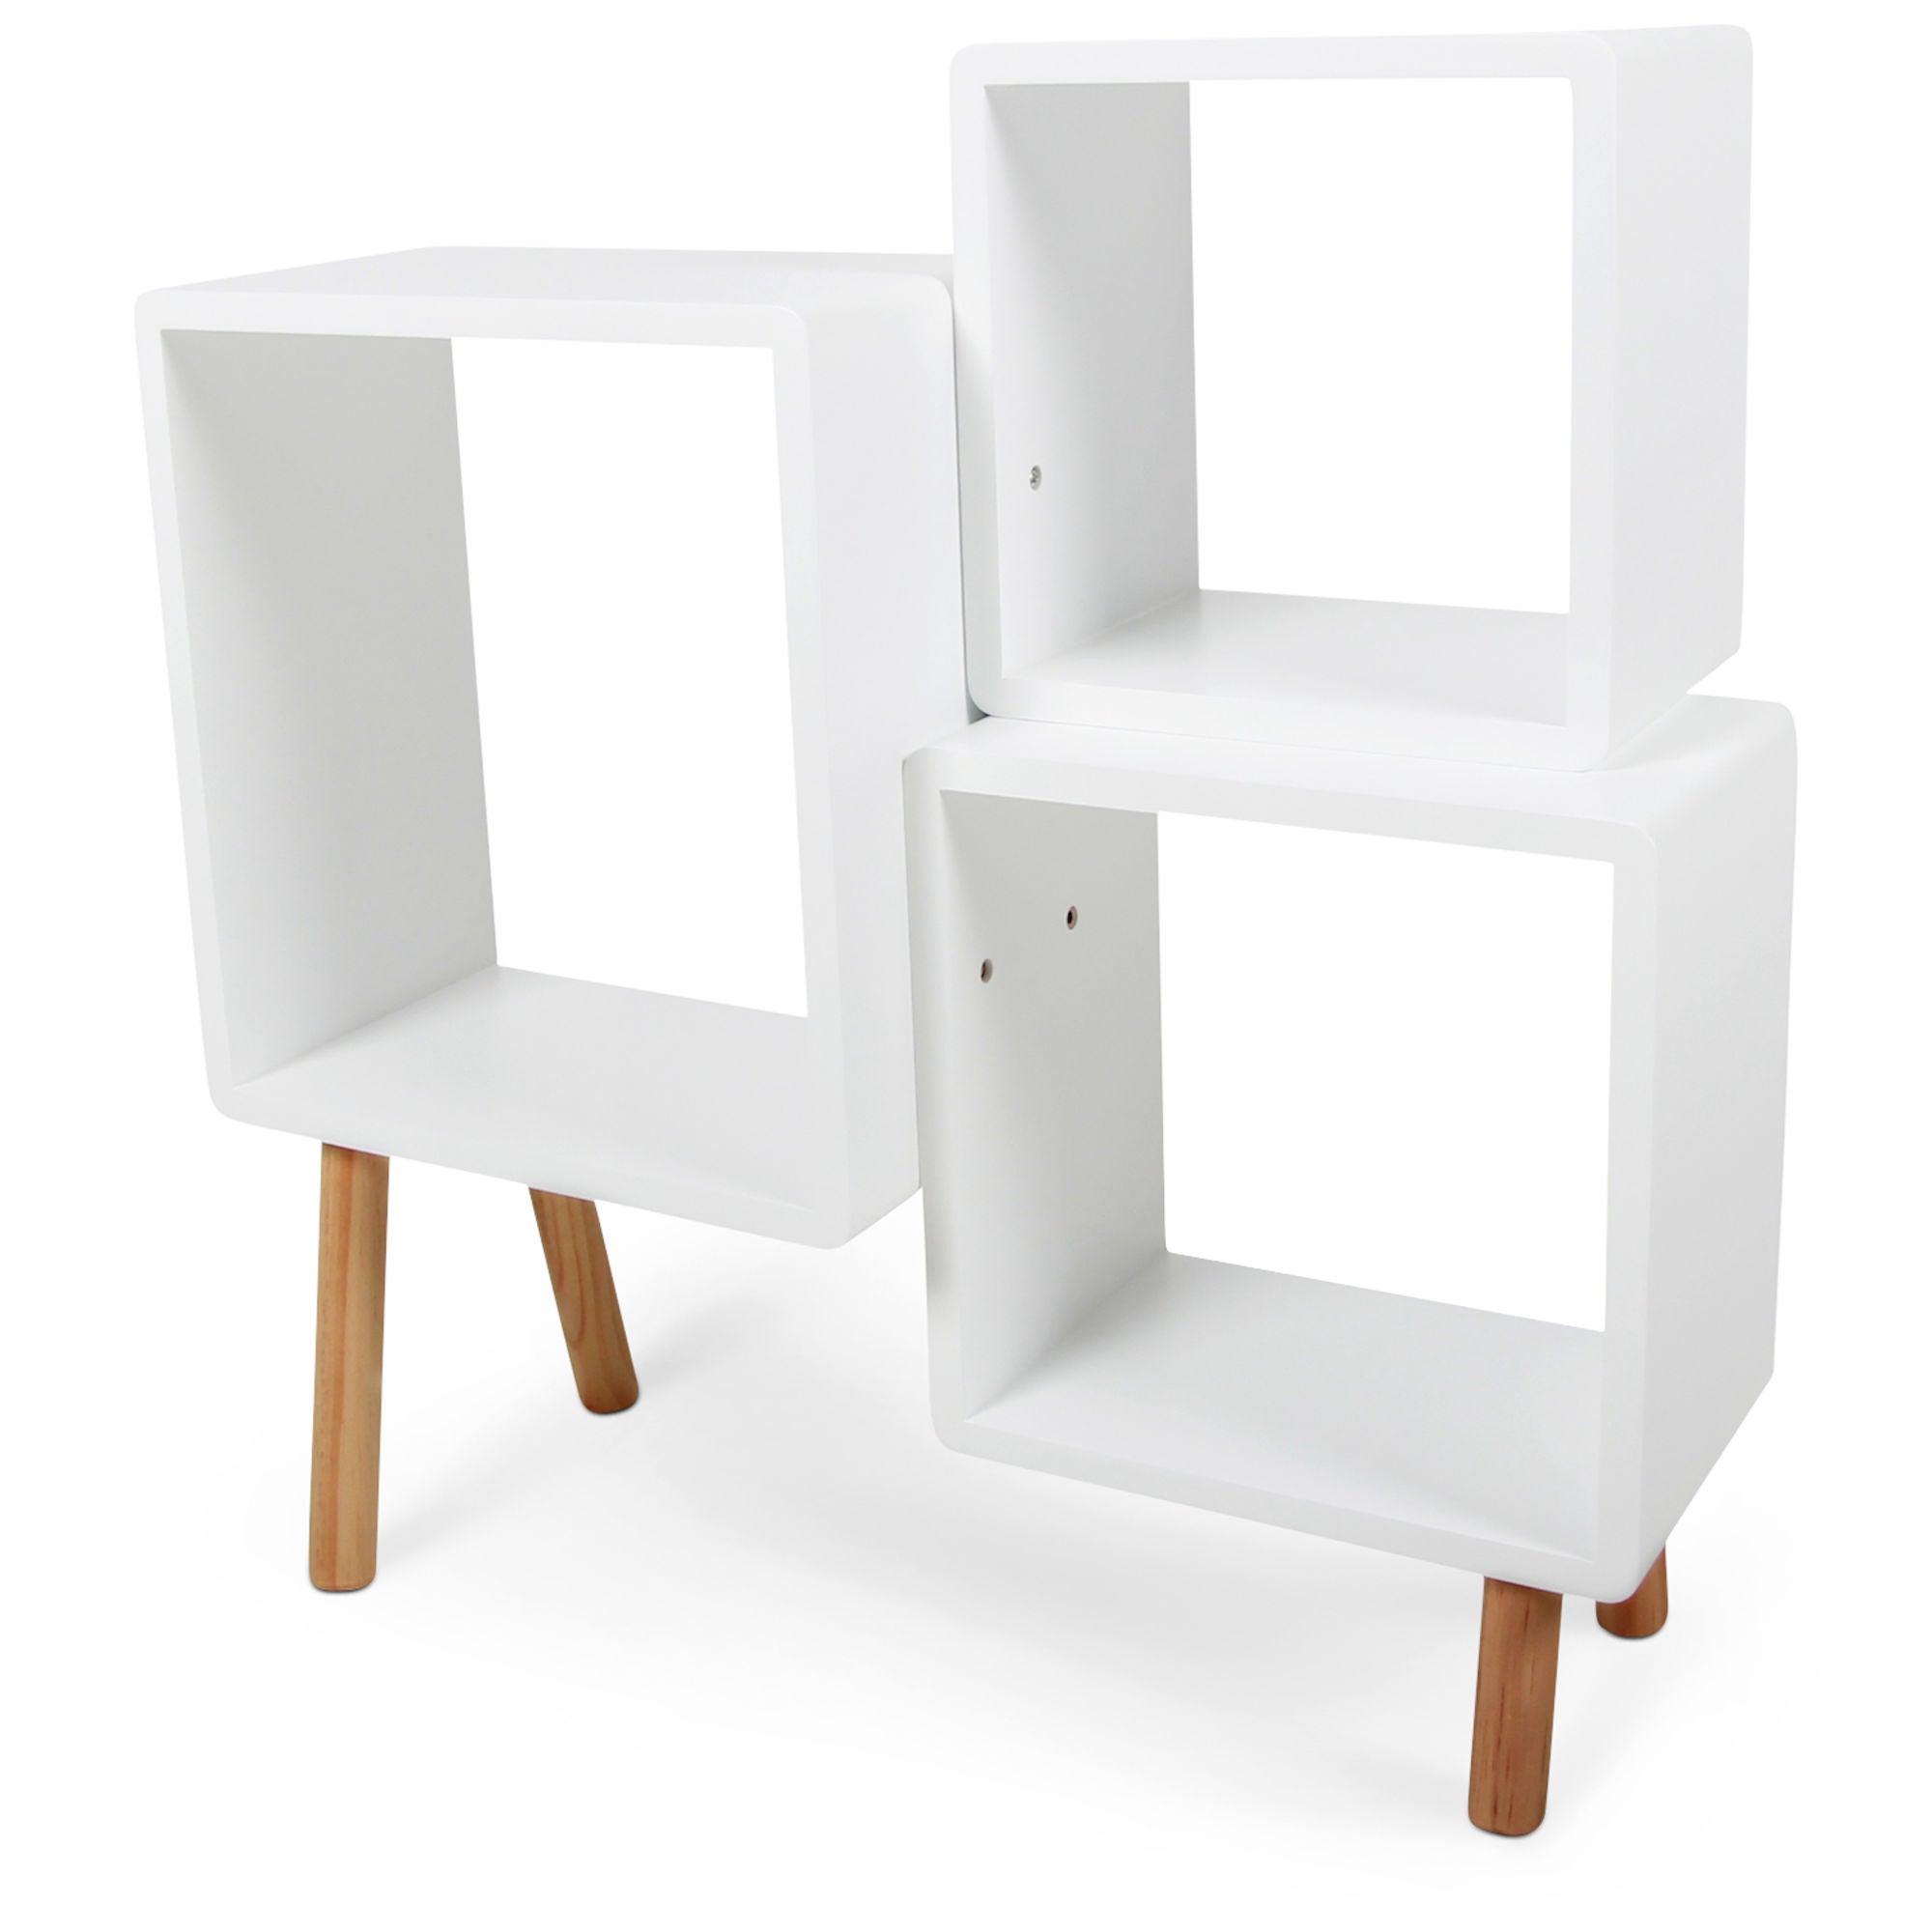 Alice & Fox Kirjahylly Cube, Valkoinen/Puunvärinen